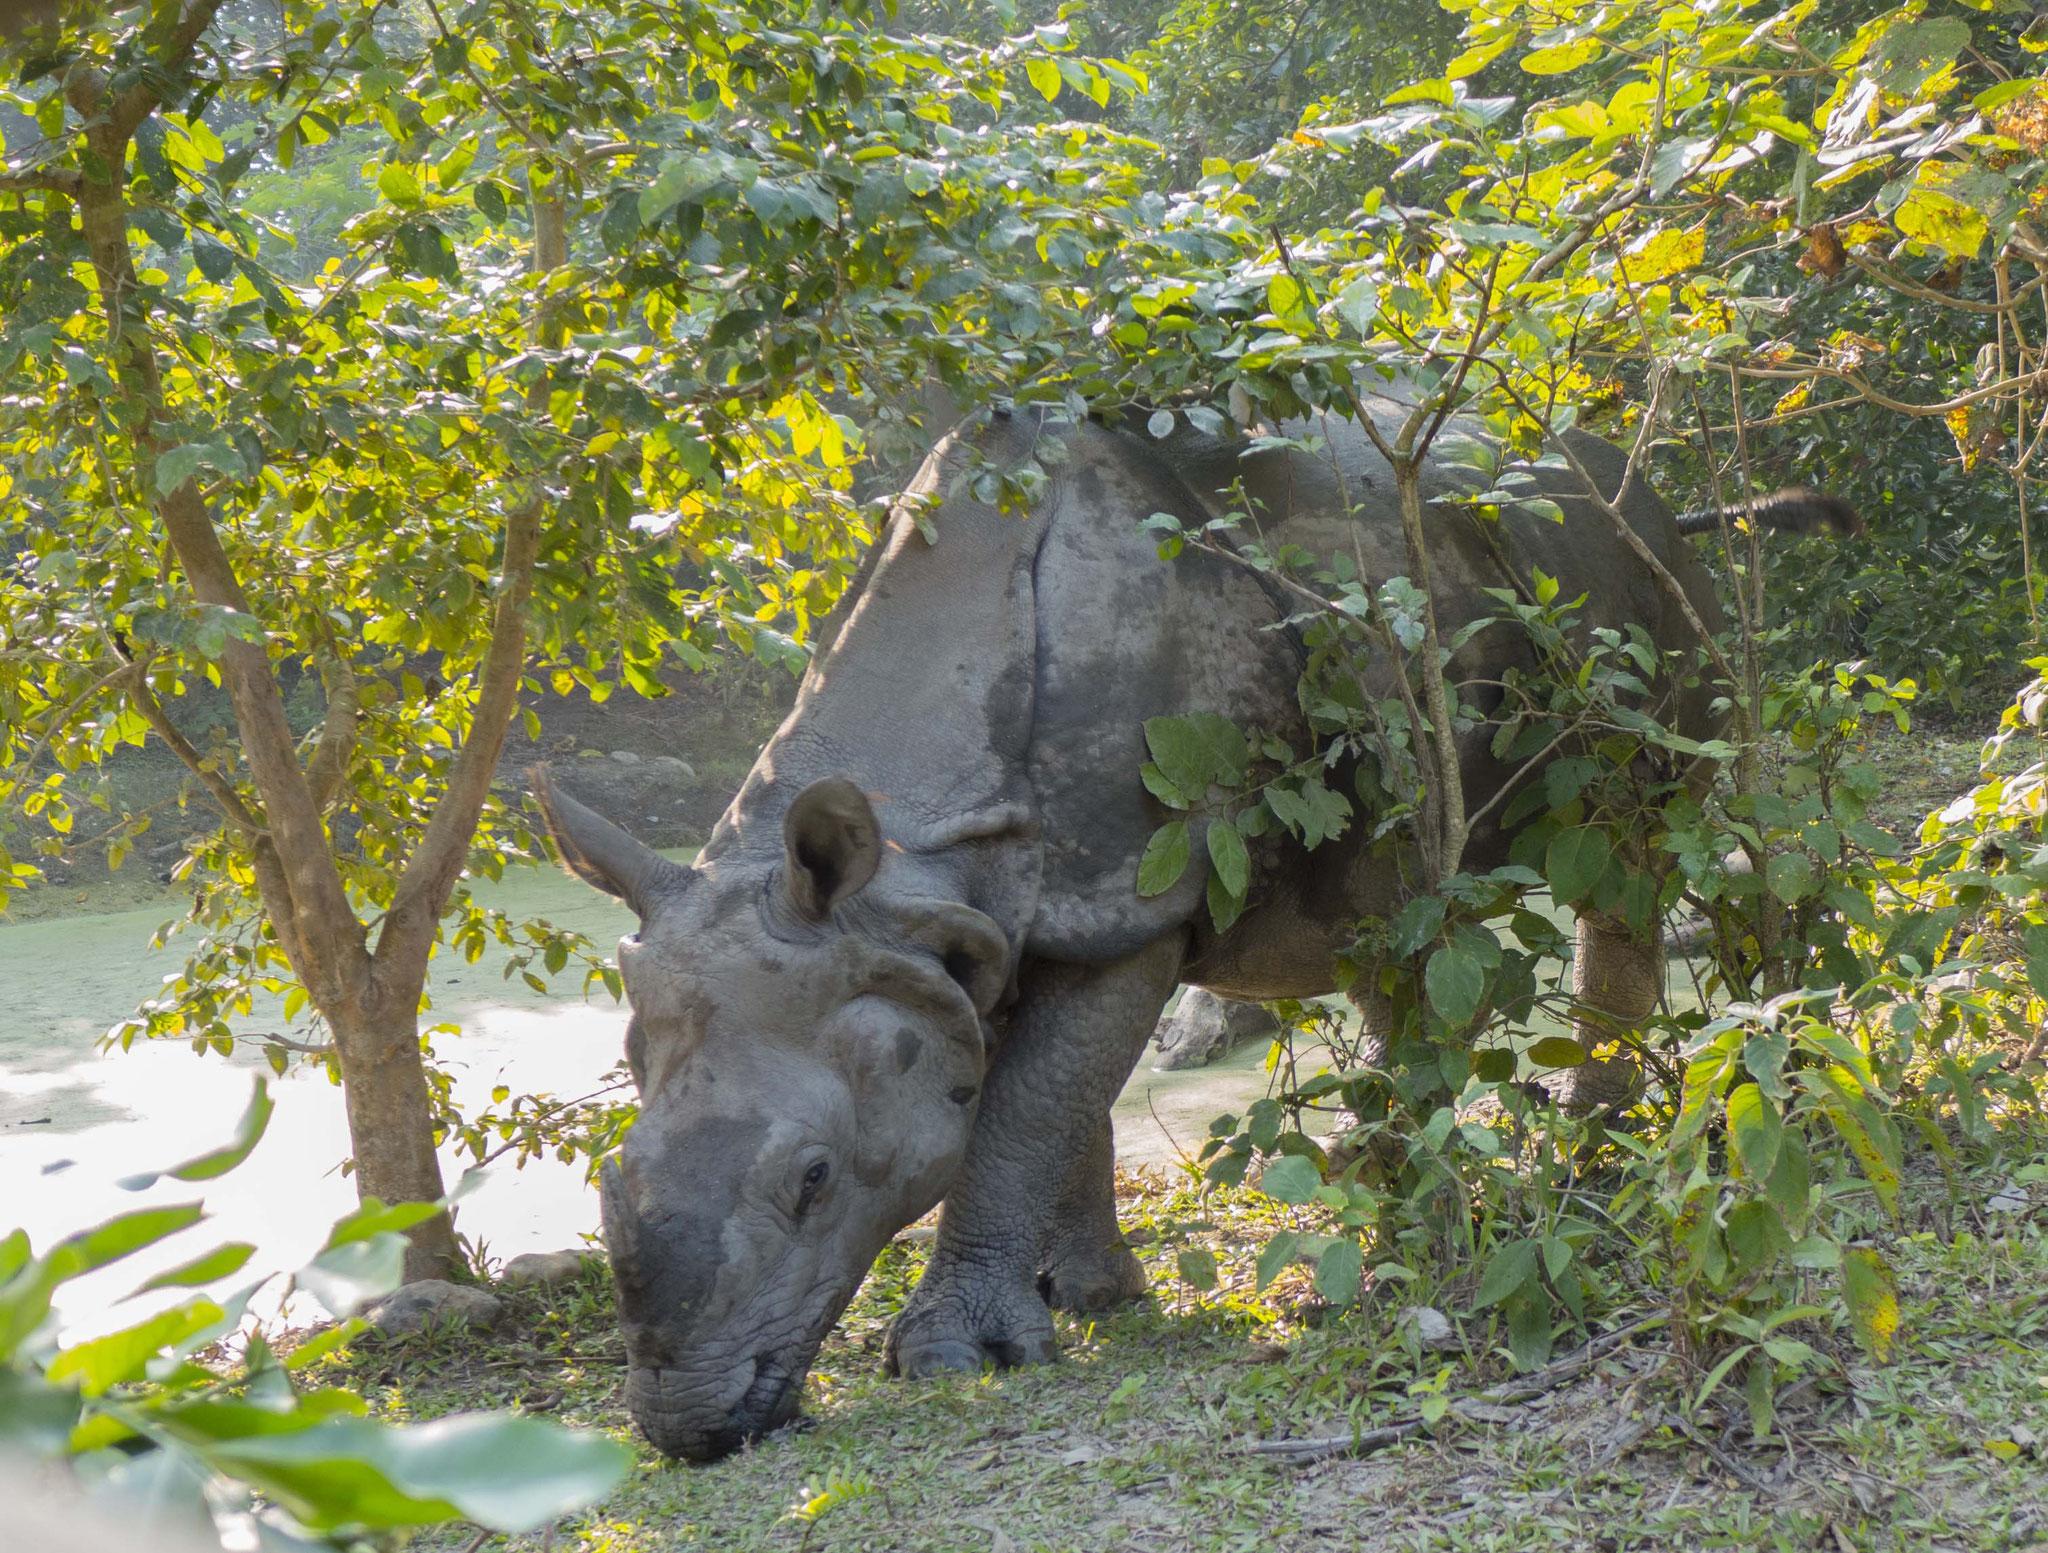 Und schauen beim blinden Nashorn ...